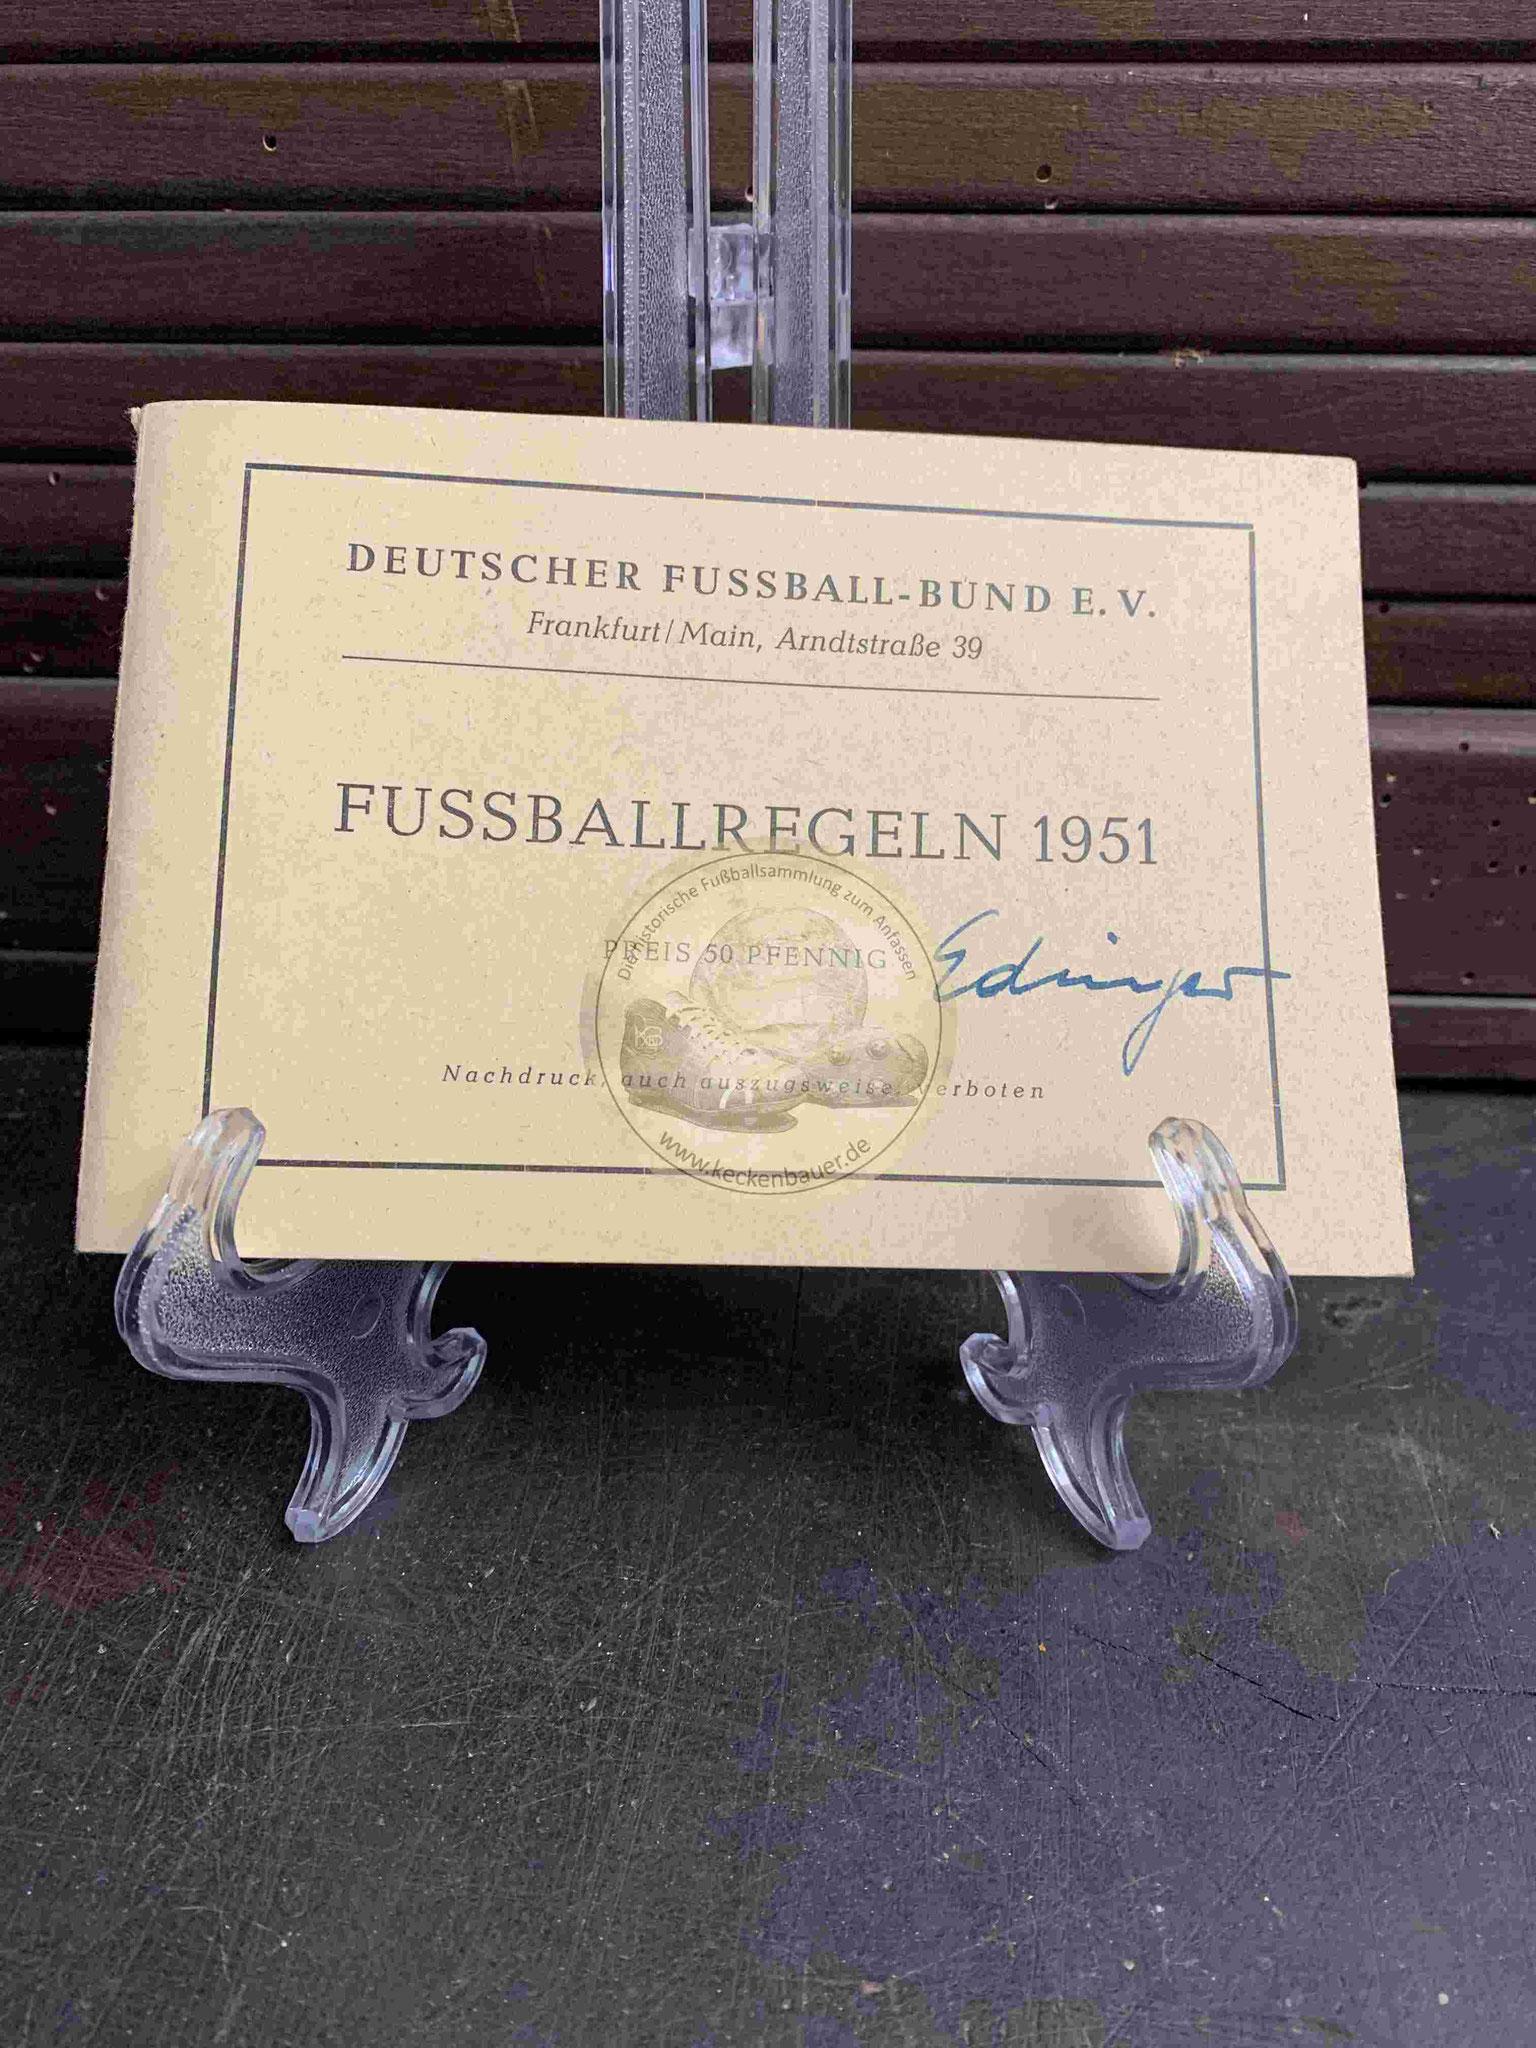 Fussballregeln des DFB aus dem Jahr 1951